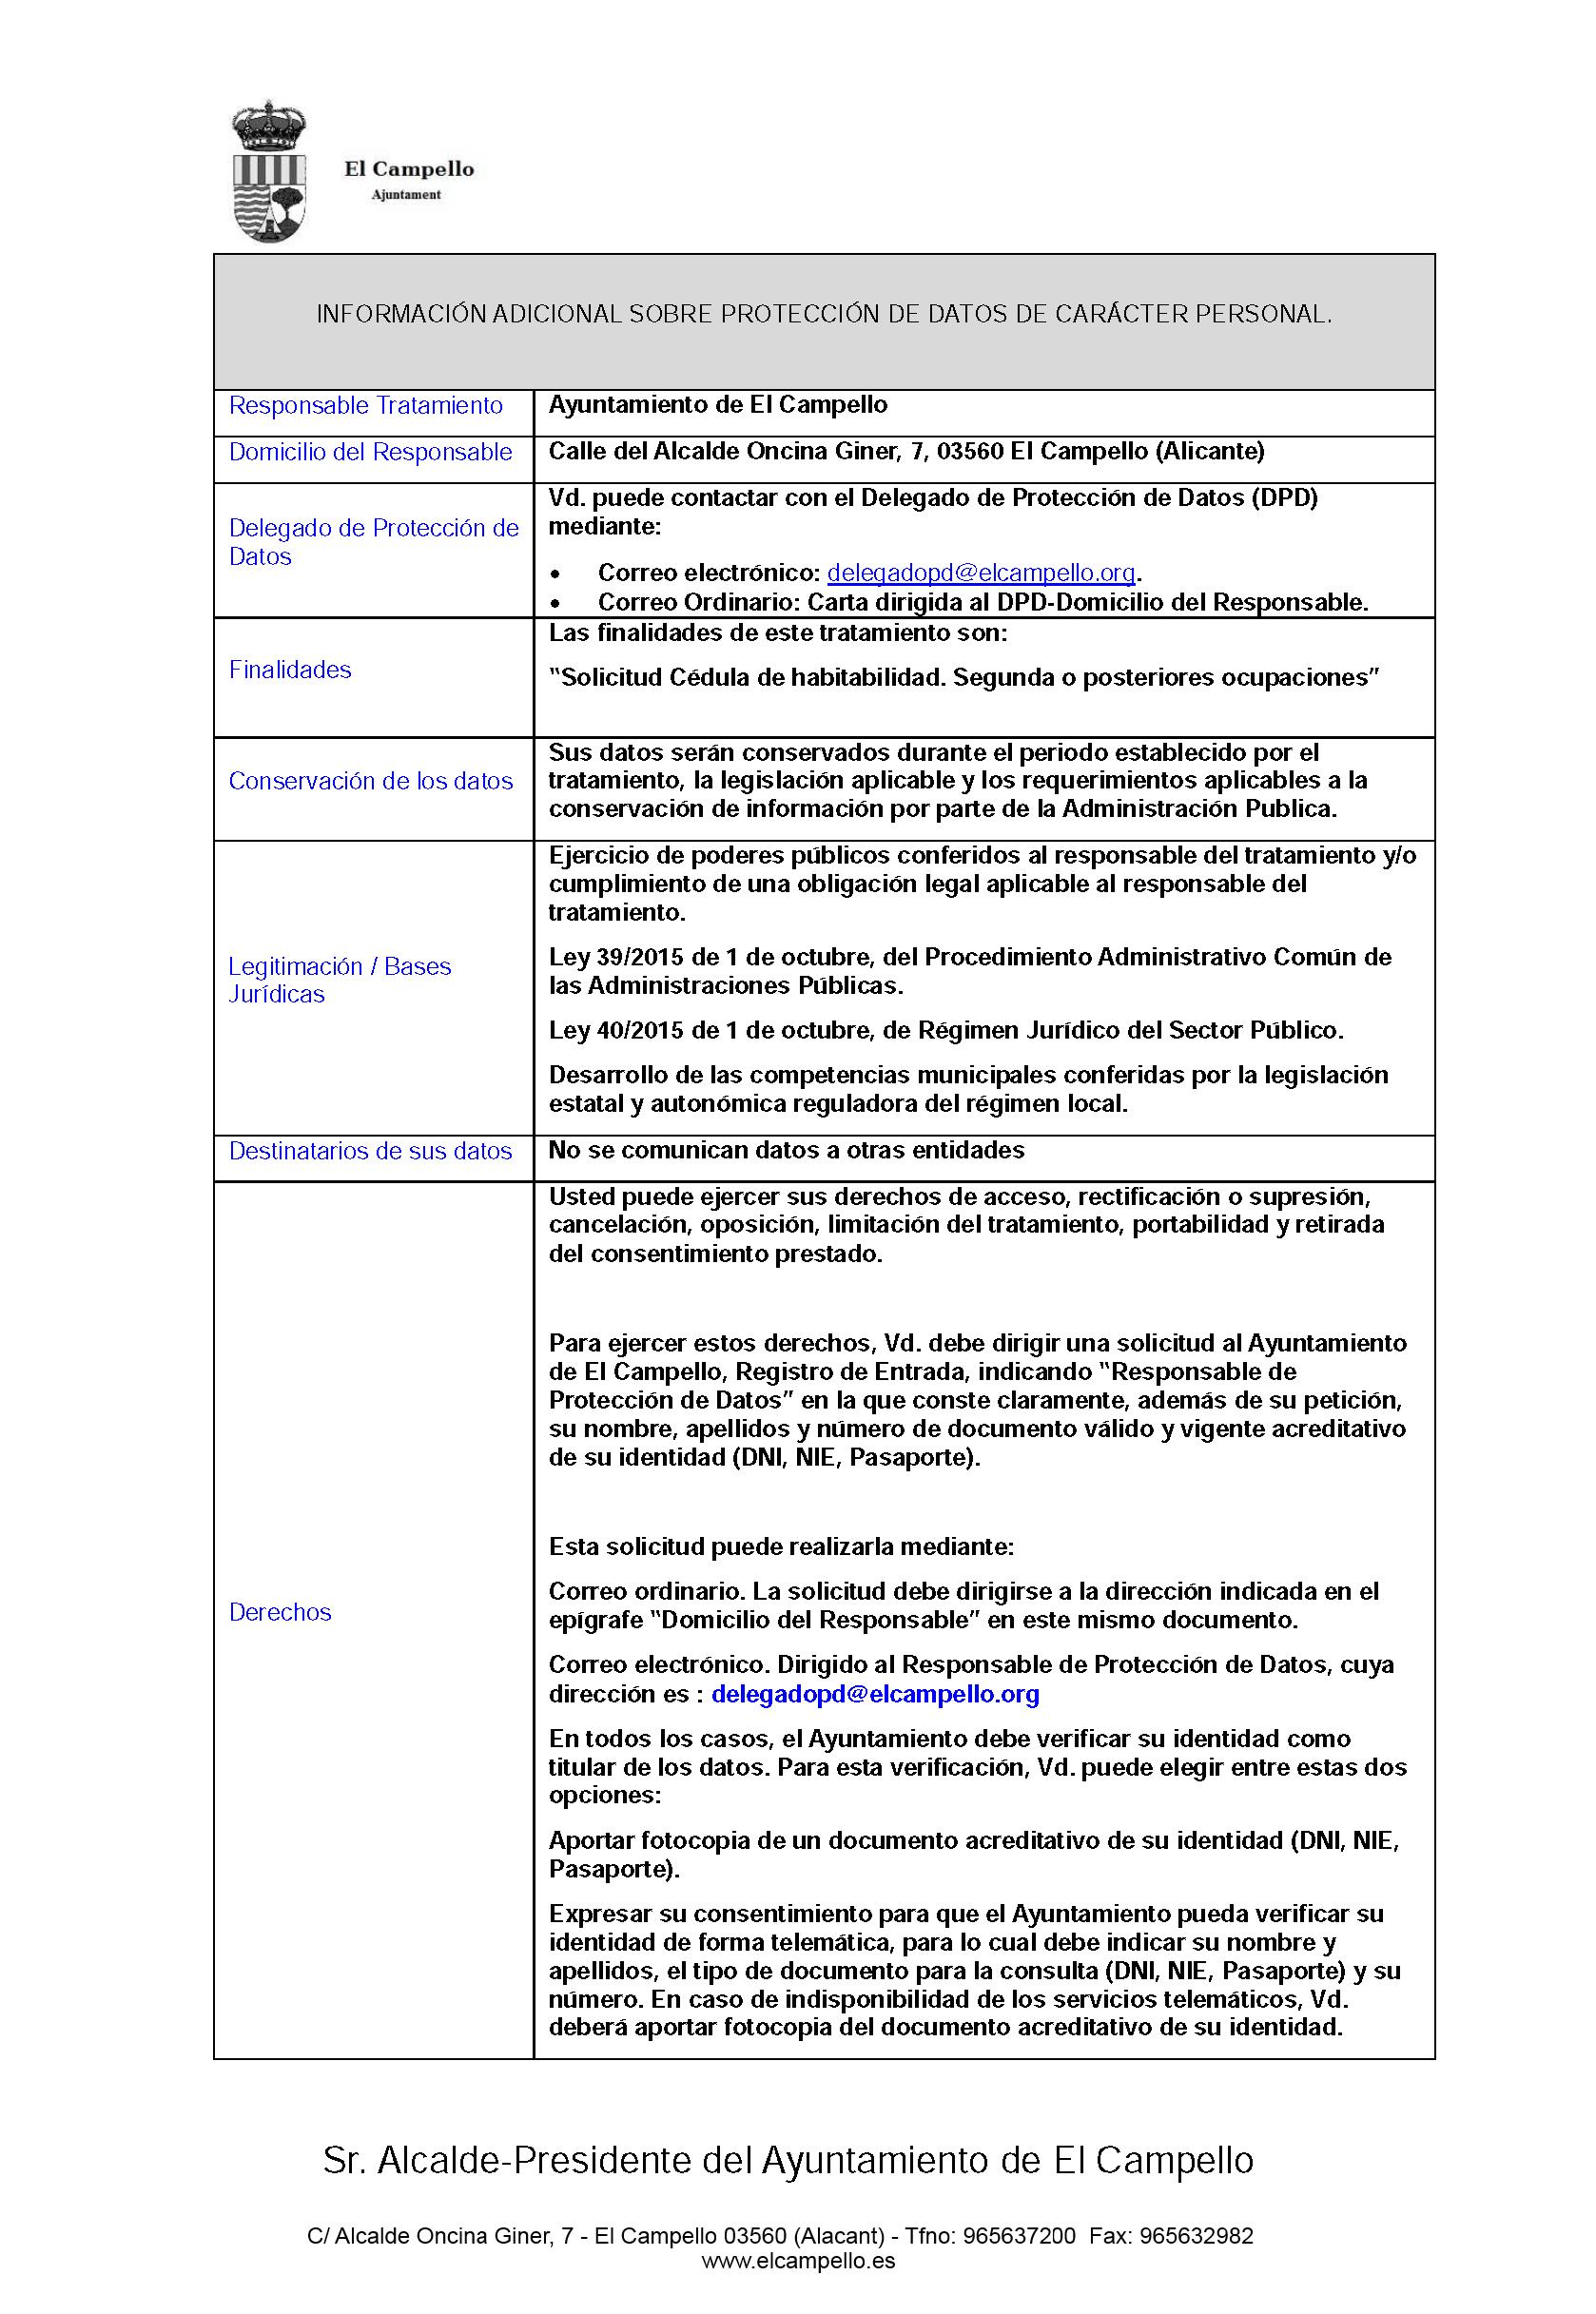 Impreso Declaración Responsable Segunda Ocupación El Campello - Vivienda